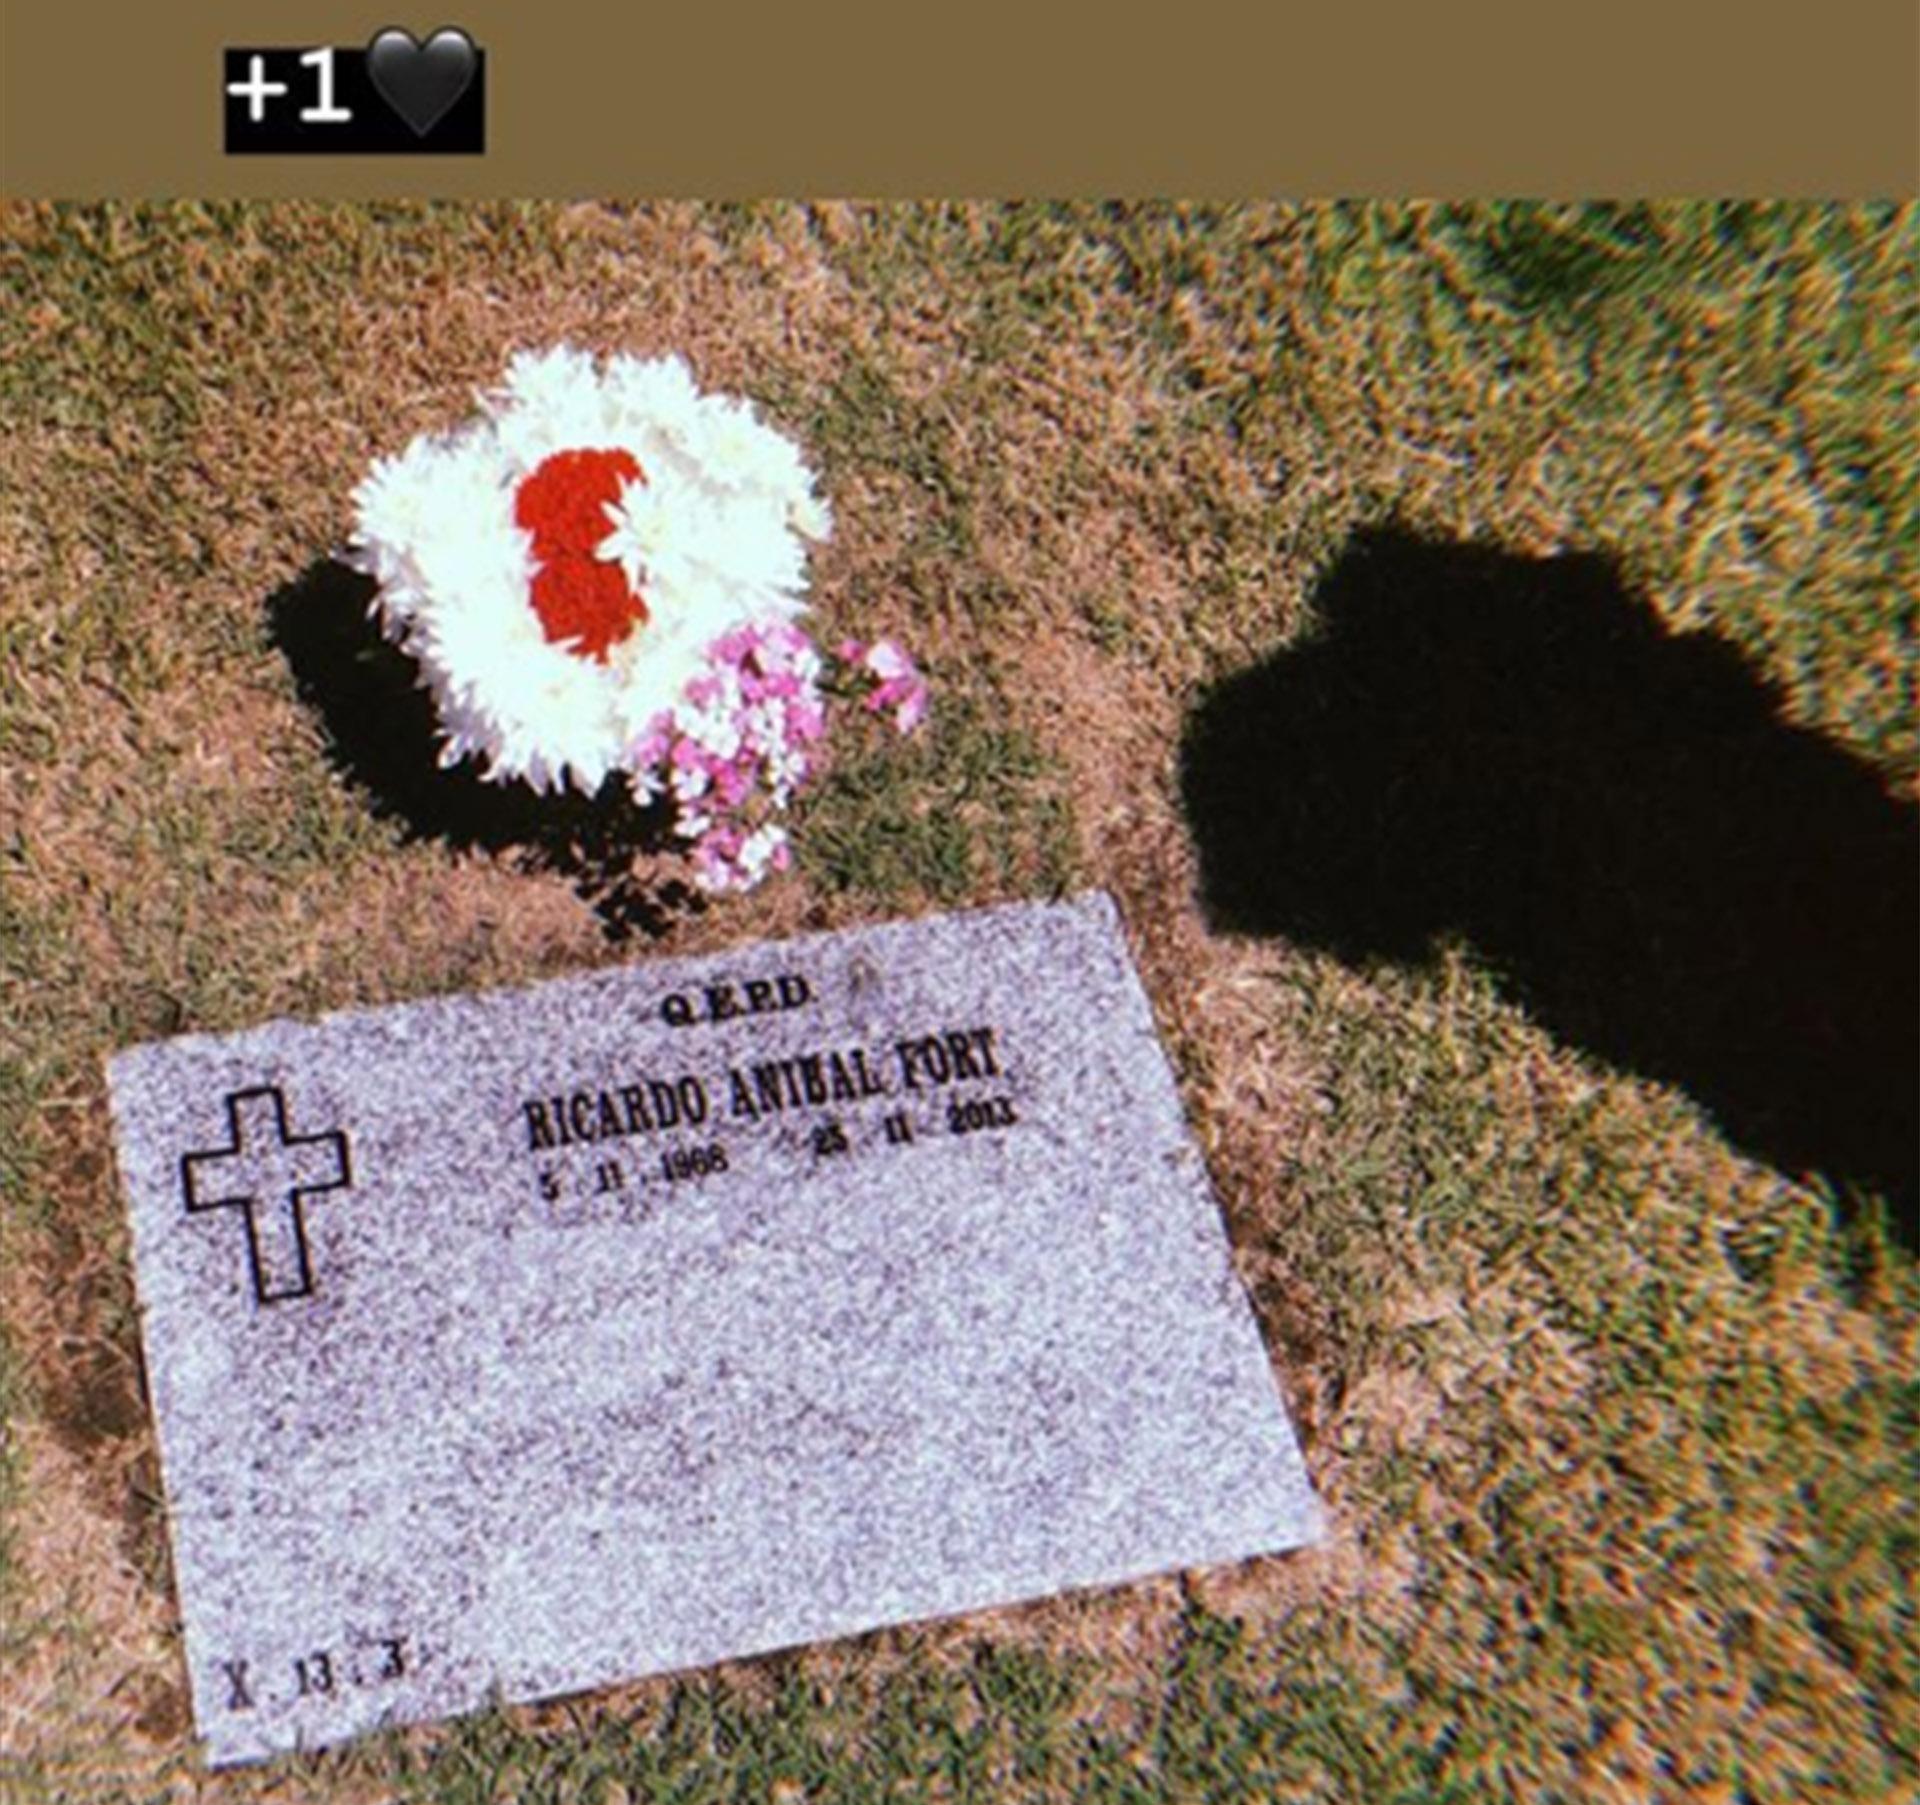 El posteo de Marta Fort, recordando a su padre, Ricardo (Foto: Instagram)